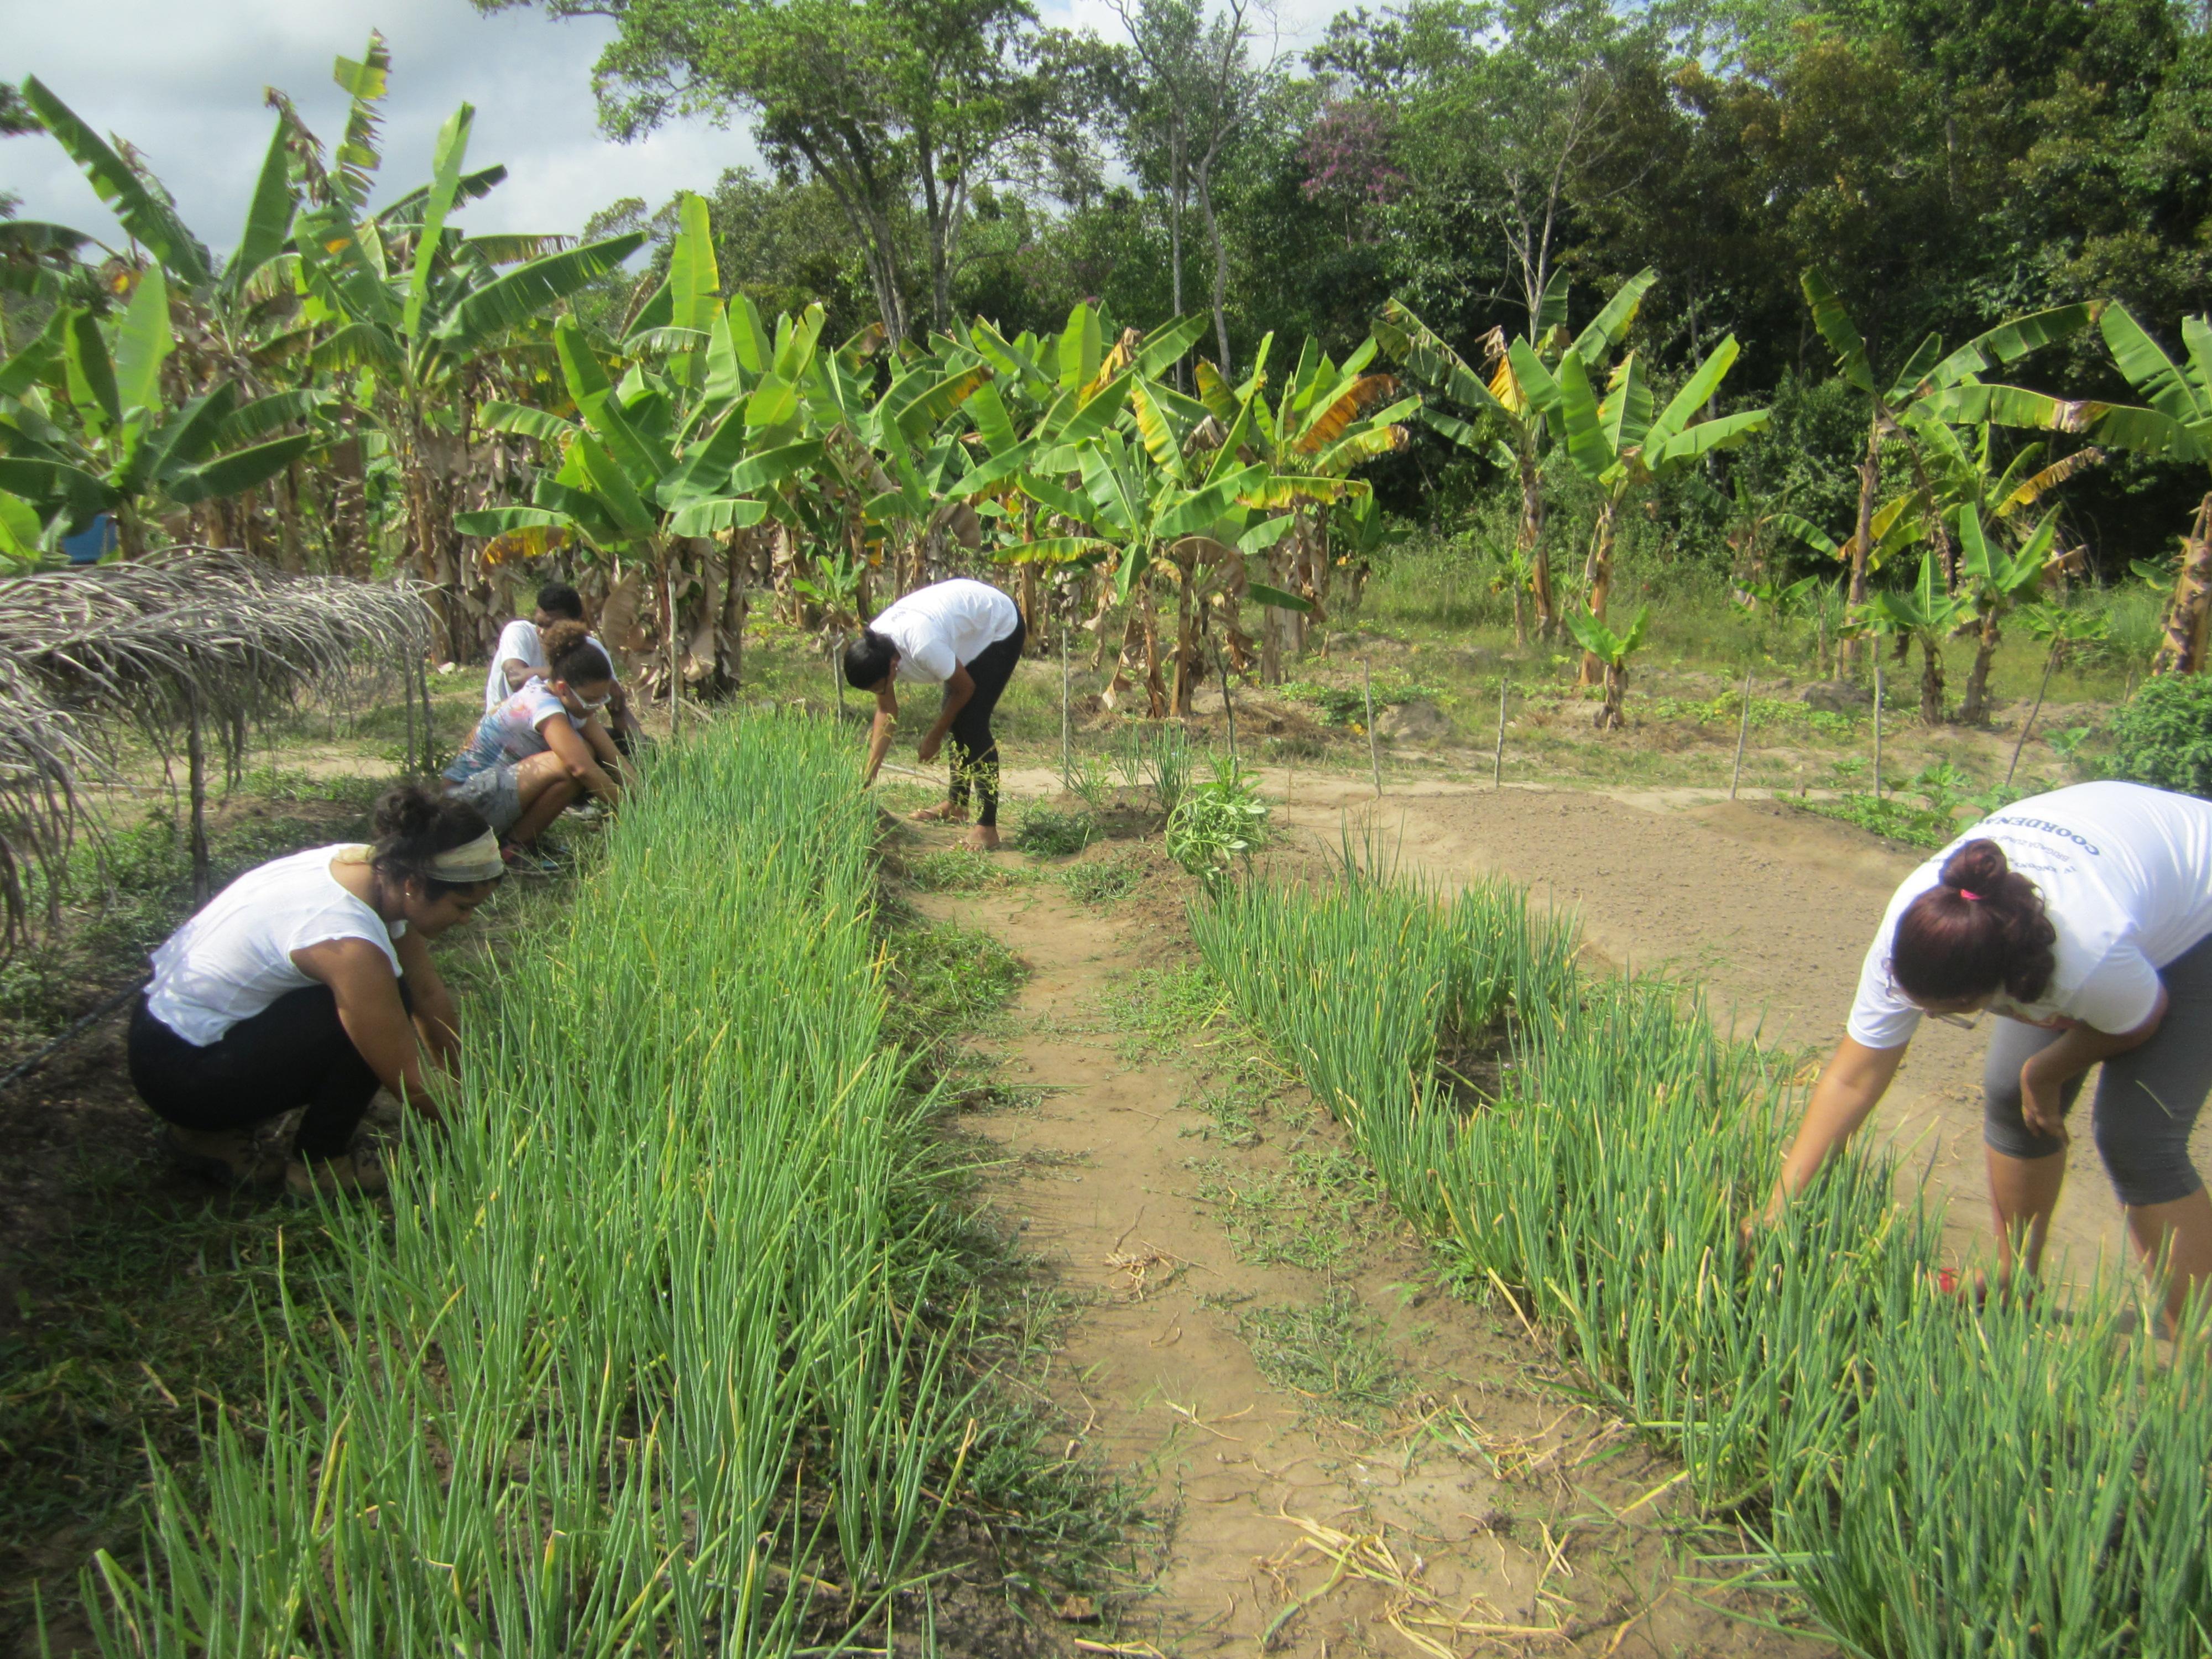 Foto cedida pelo projeto Formação em agroecologia